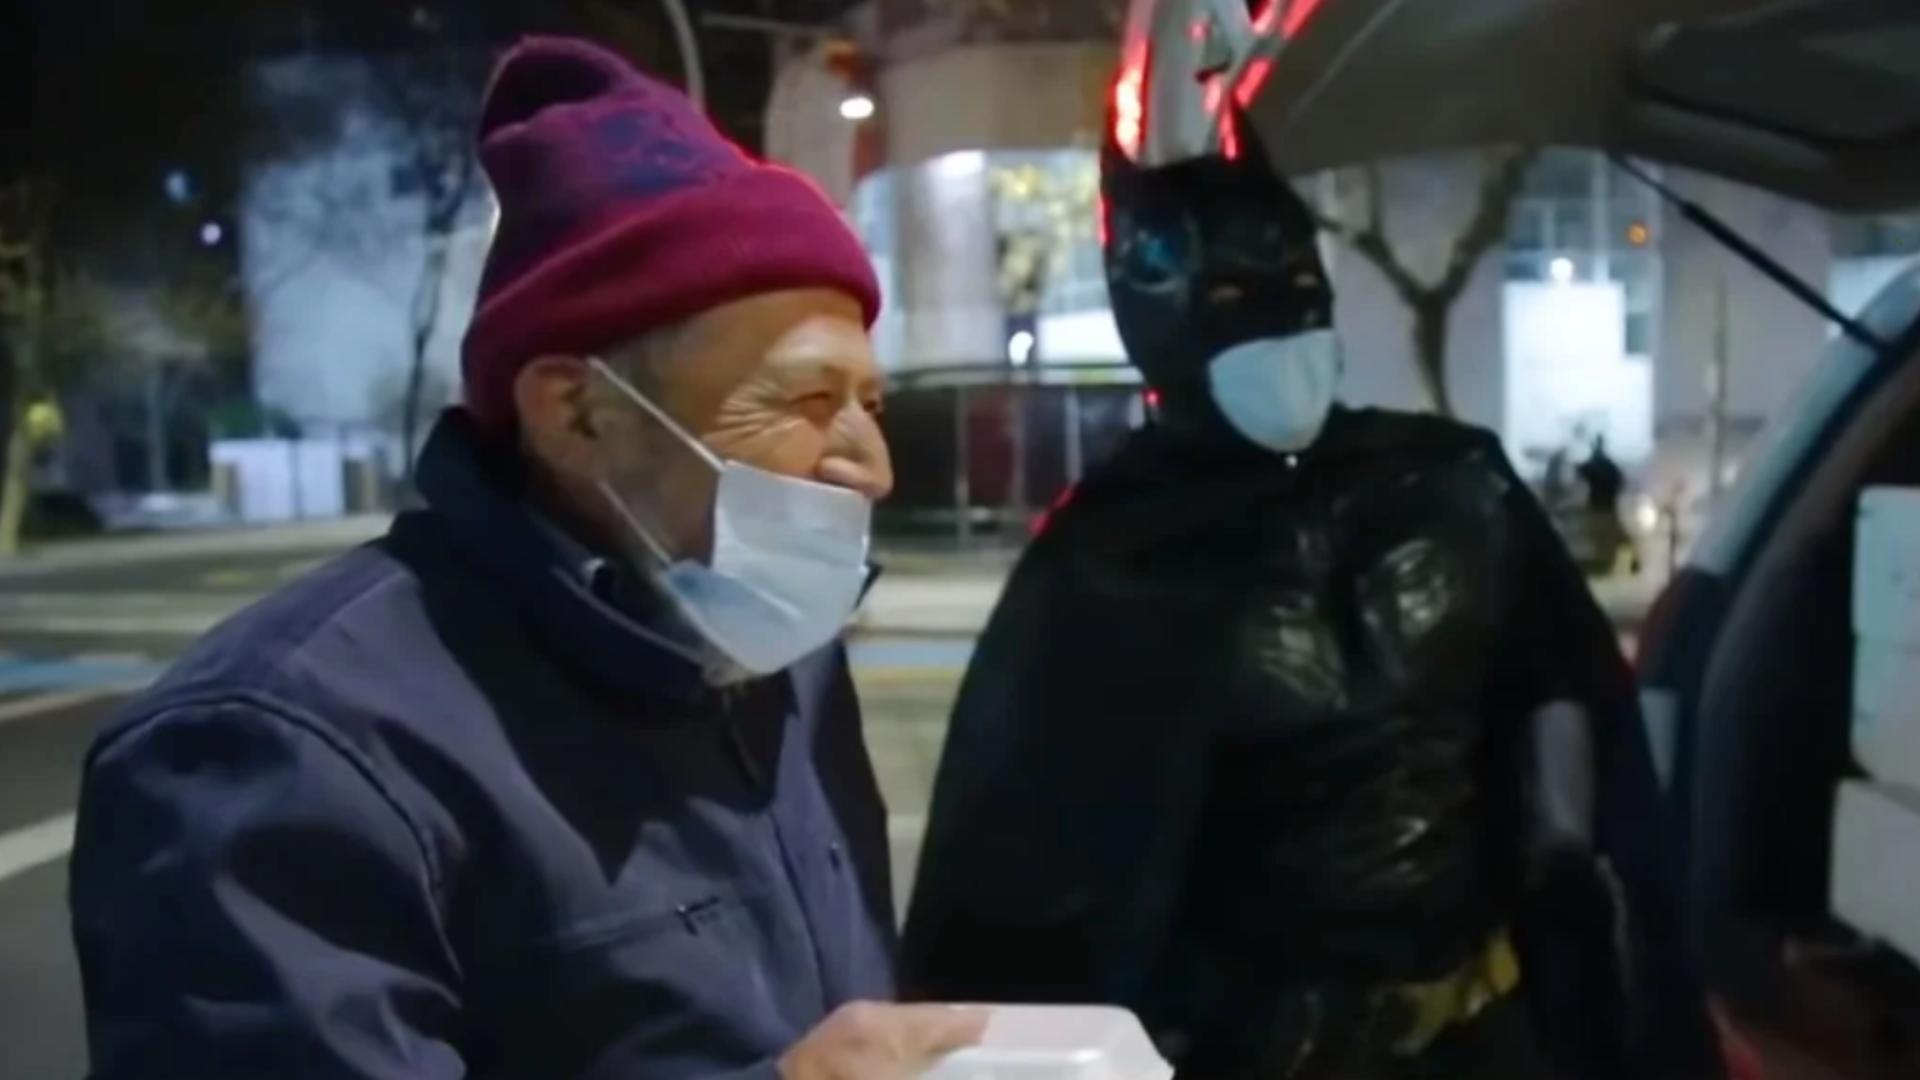 Se disfraza de Batman y sale a repartir comida a gente en situación de calle